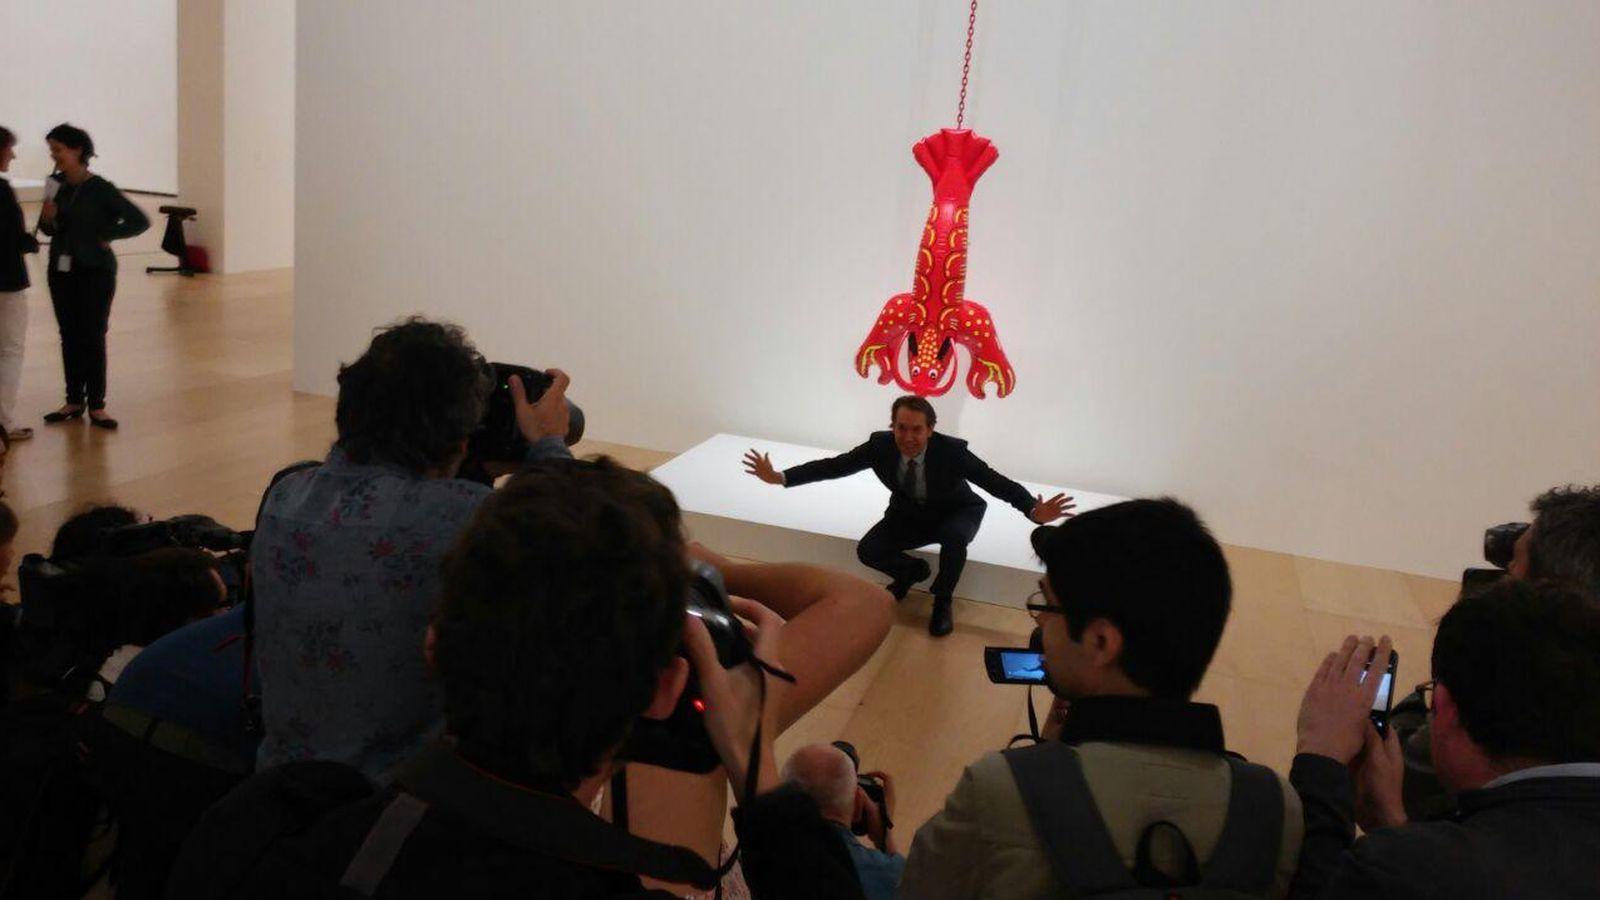 Foto: Jeff Koons posa junto a una obra en la presentación de su retrospectiva en el Guggenheim (P.H.R)